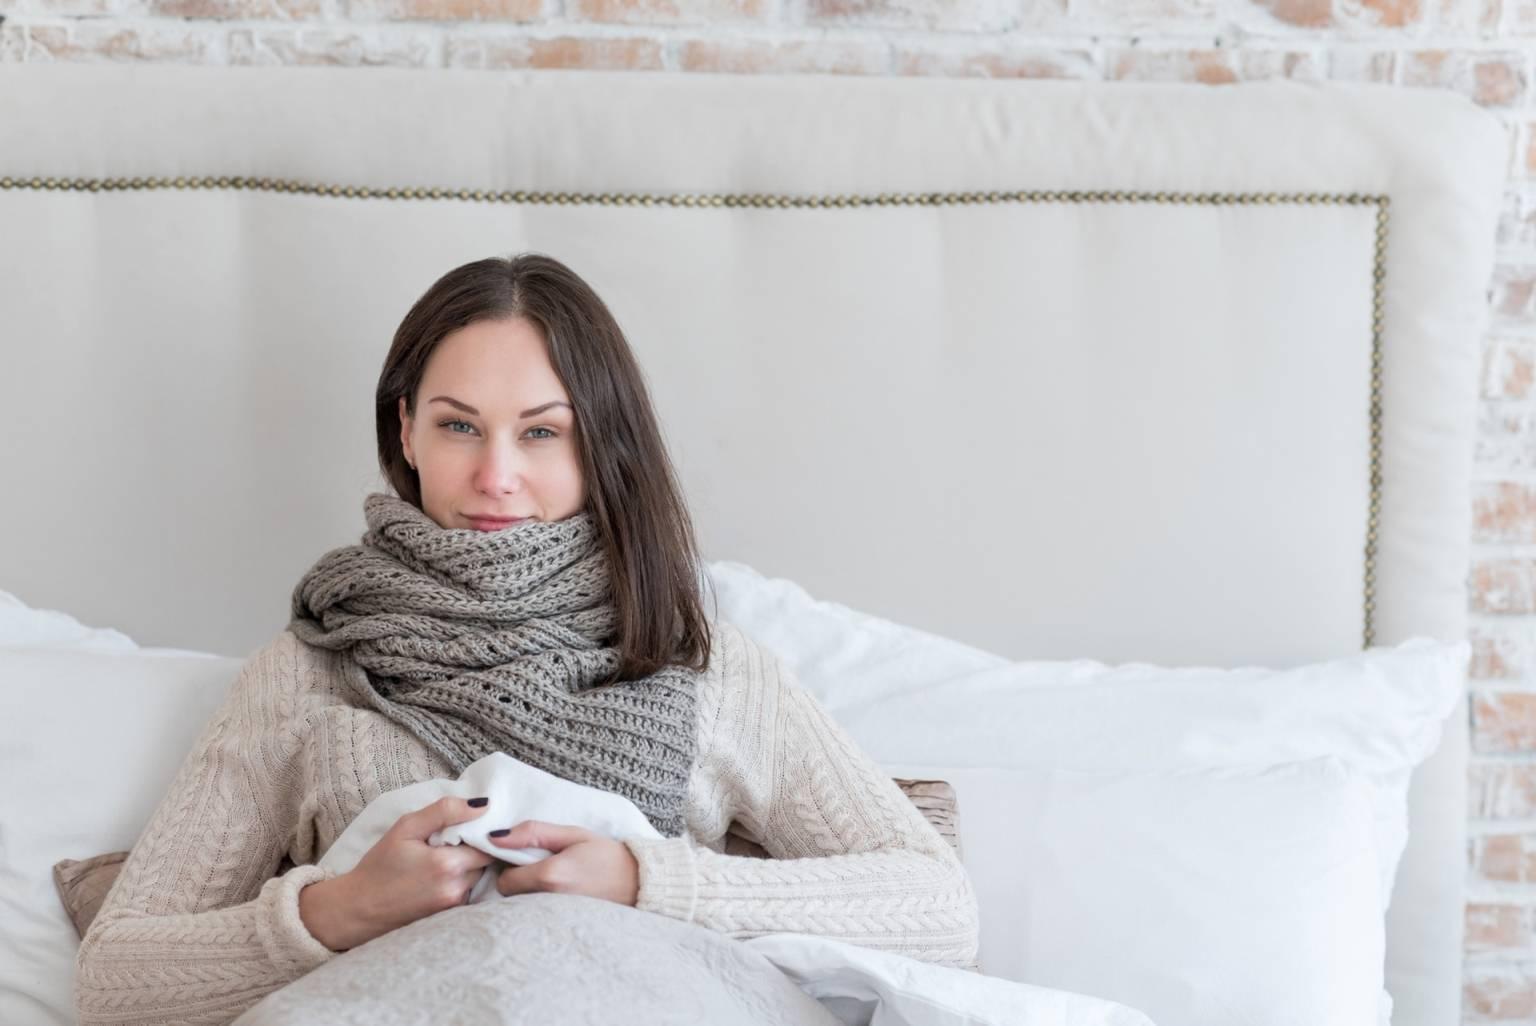 Sposoby na katar i kichanie. Przeziębiona kobieta leży w łóżku pod kołdrą, opatulona szalikiem, patrze prosto w aparat i delikatnie się uśmiecha.